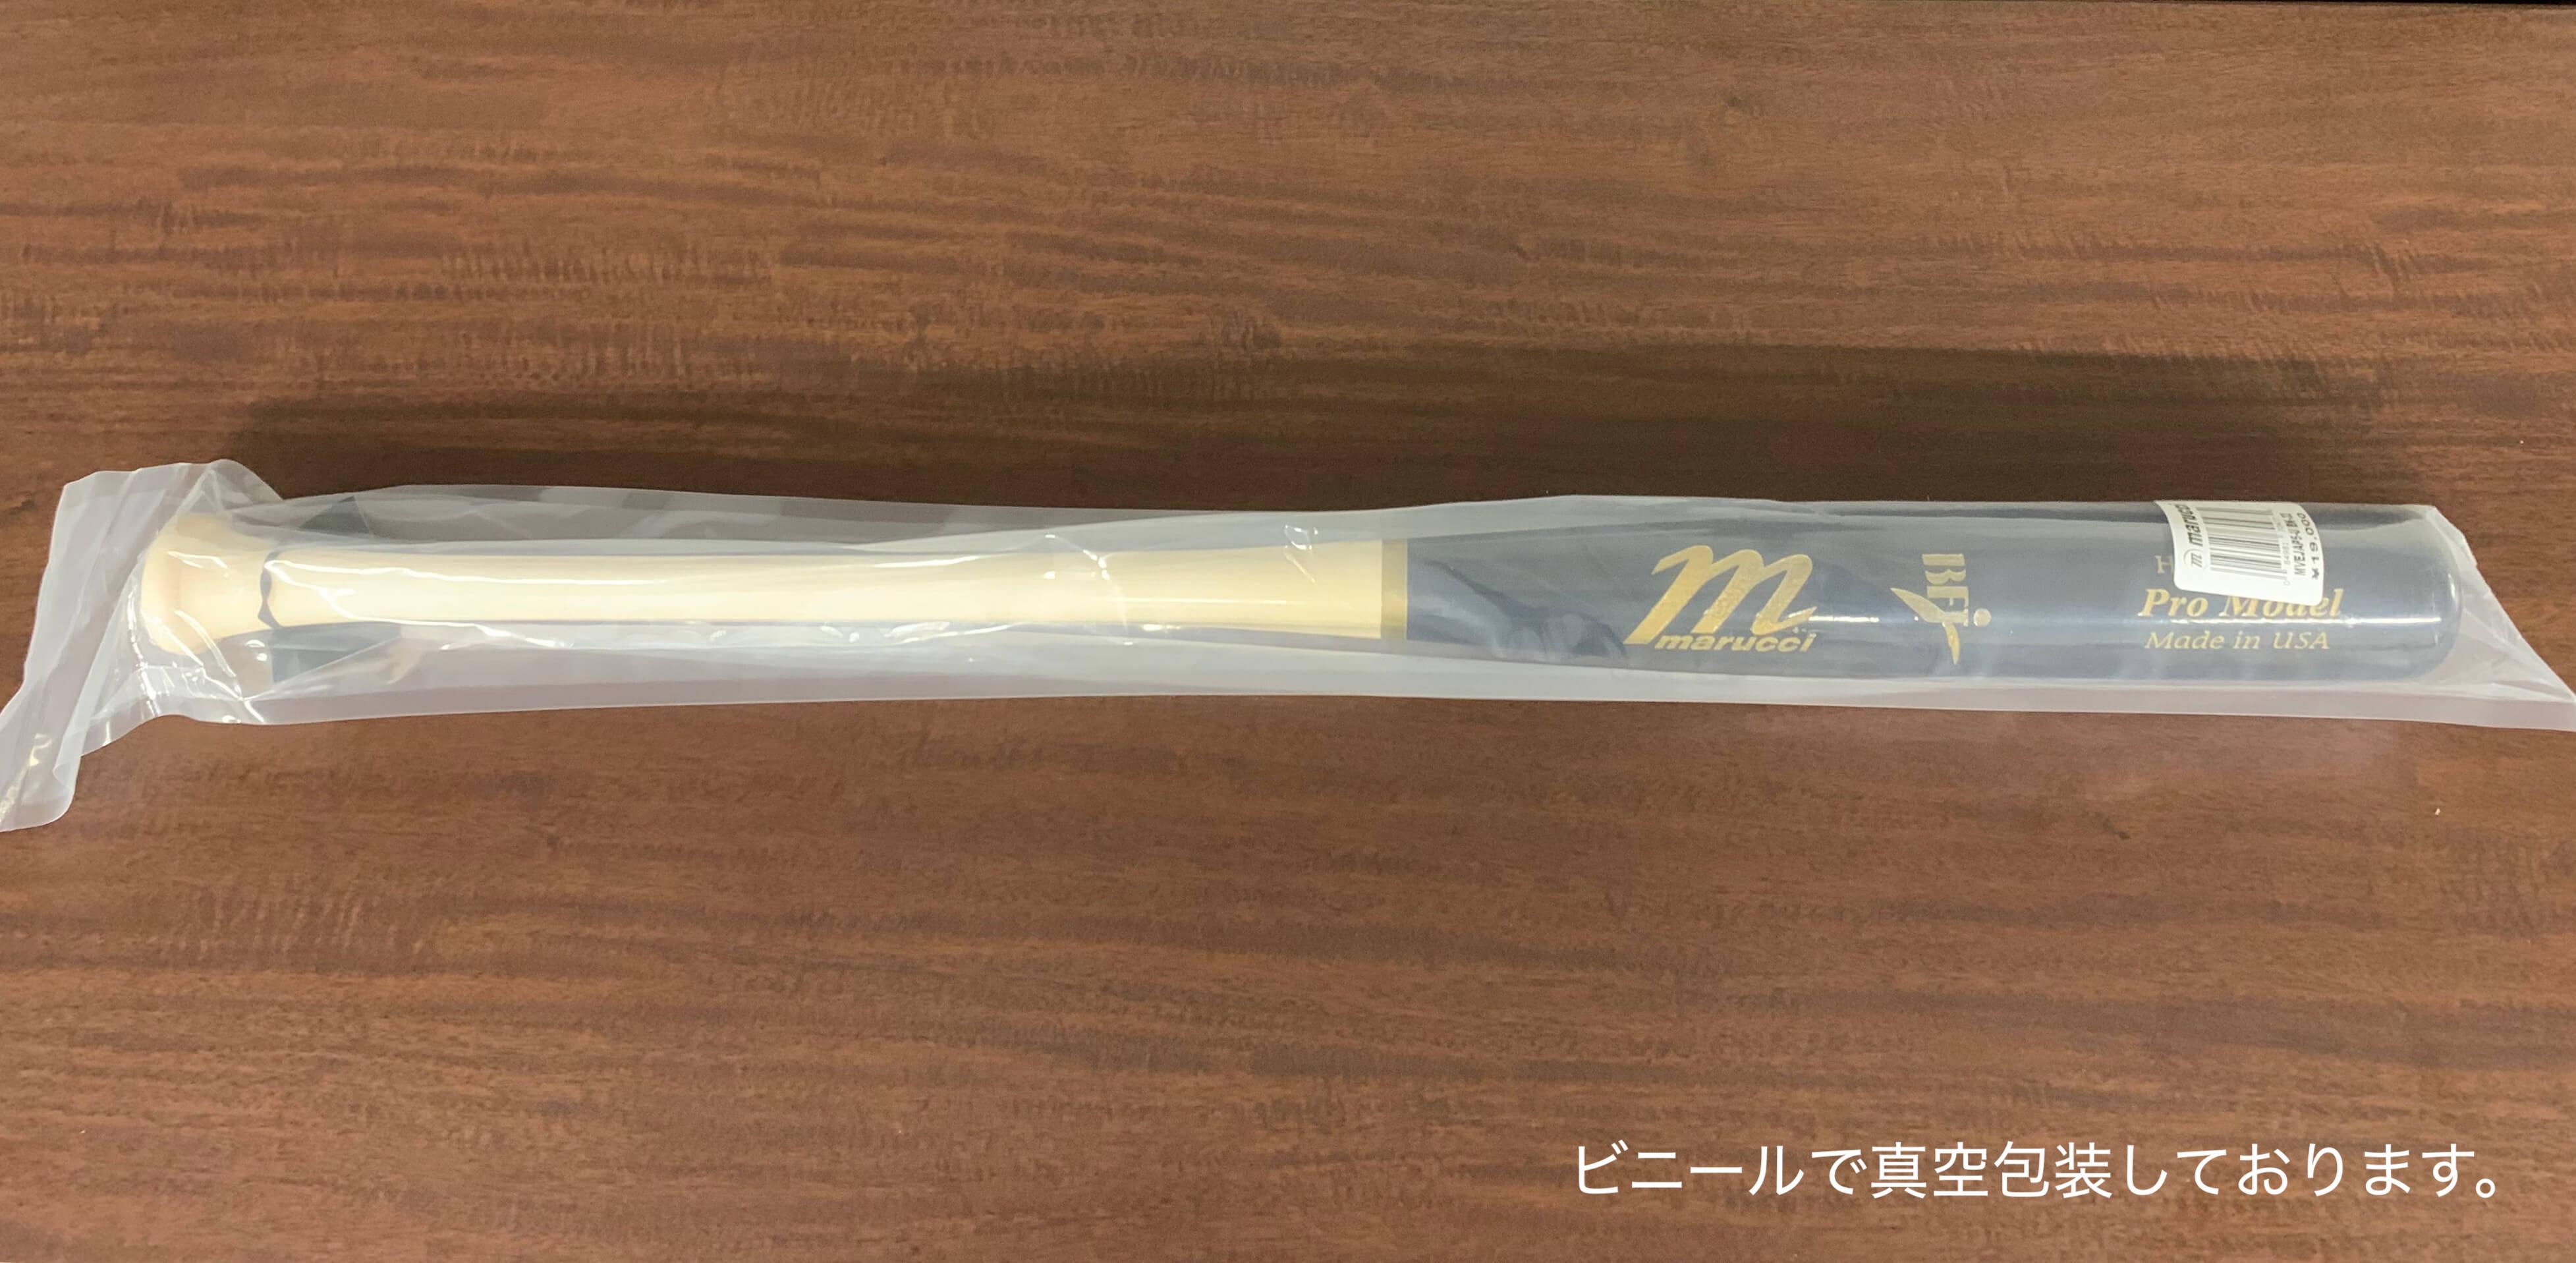 23BAD-001